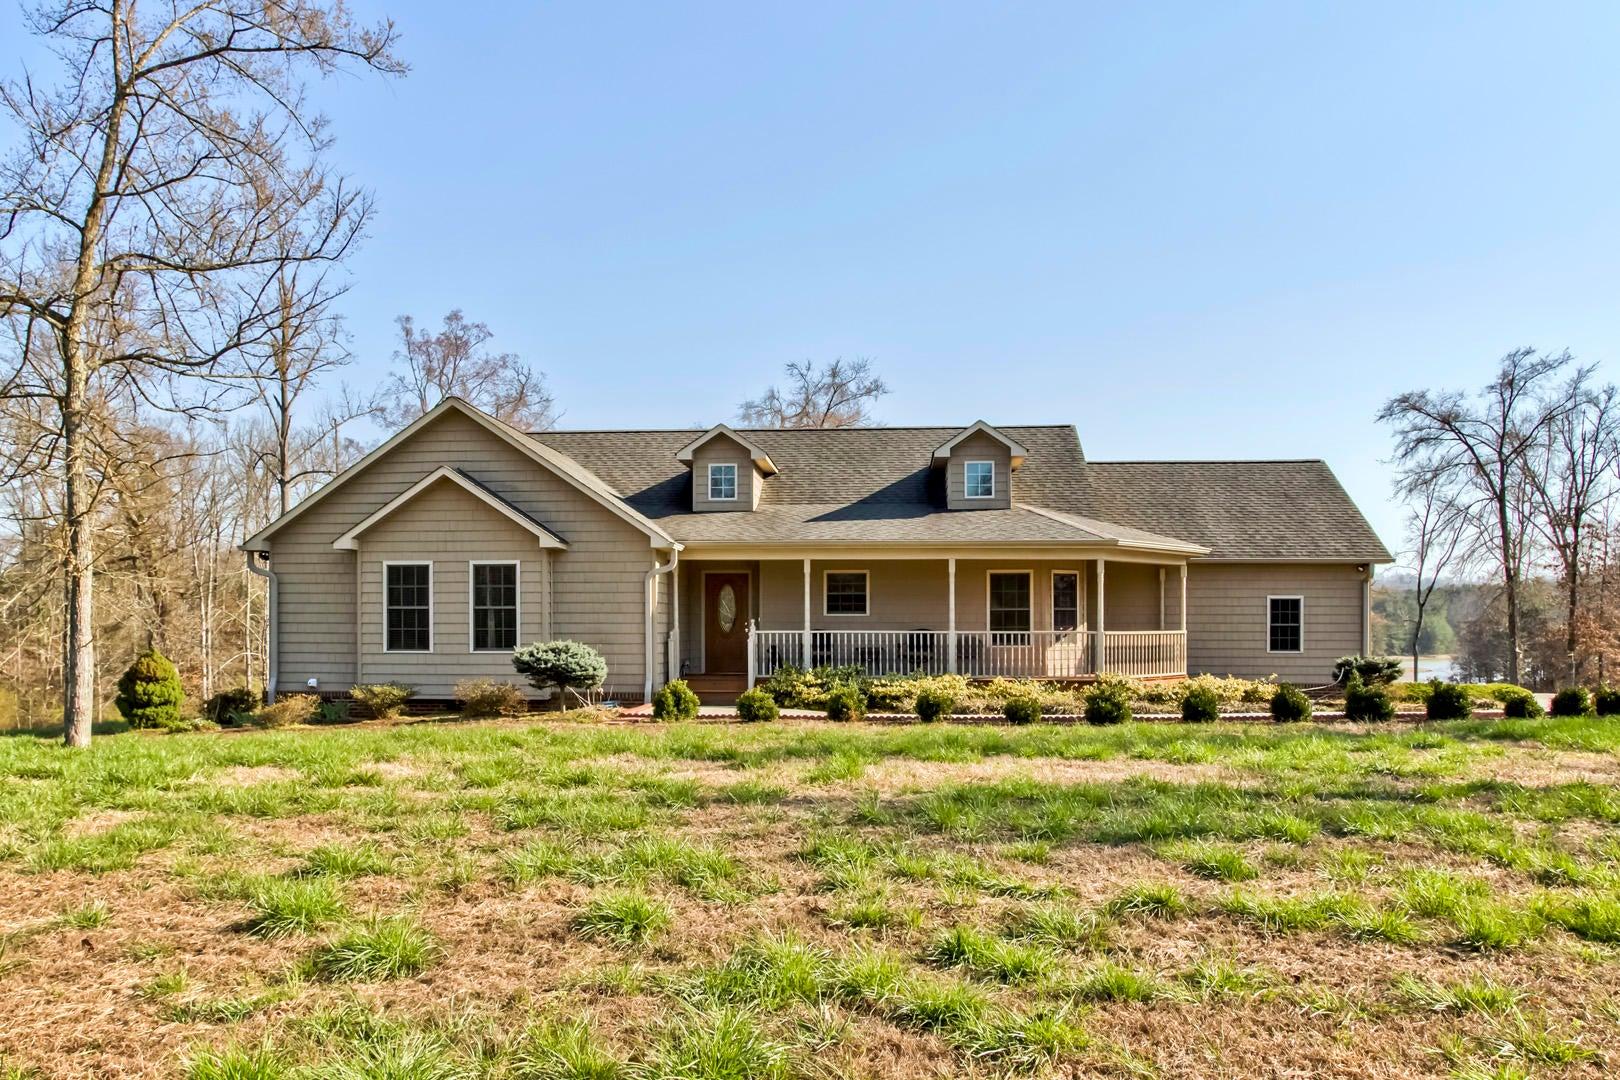 独户住宅 为 销售 在 1510 Fipps Lane 1510 Fipps Lane Greenback, 田纳西州 37742 美国